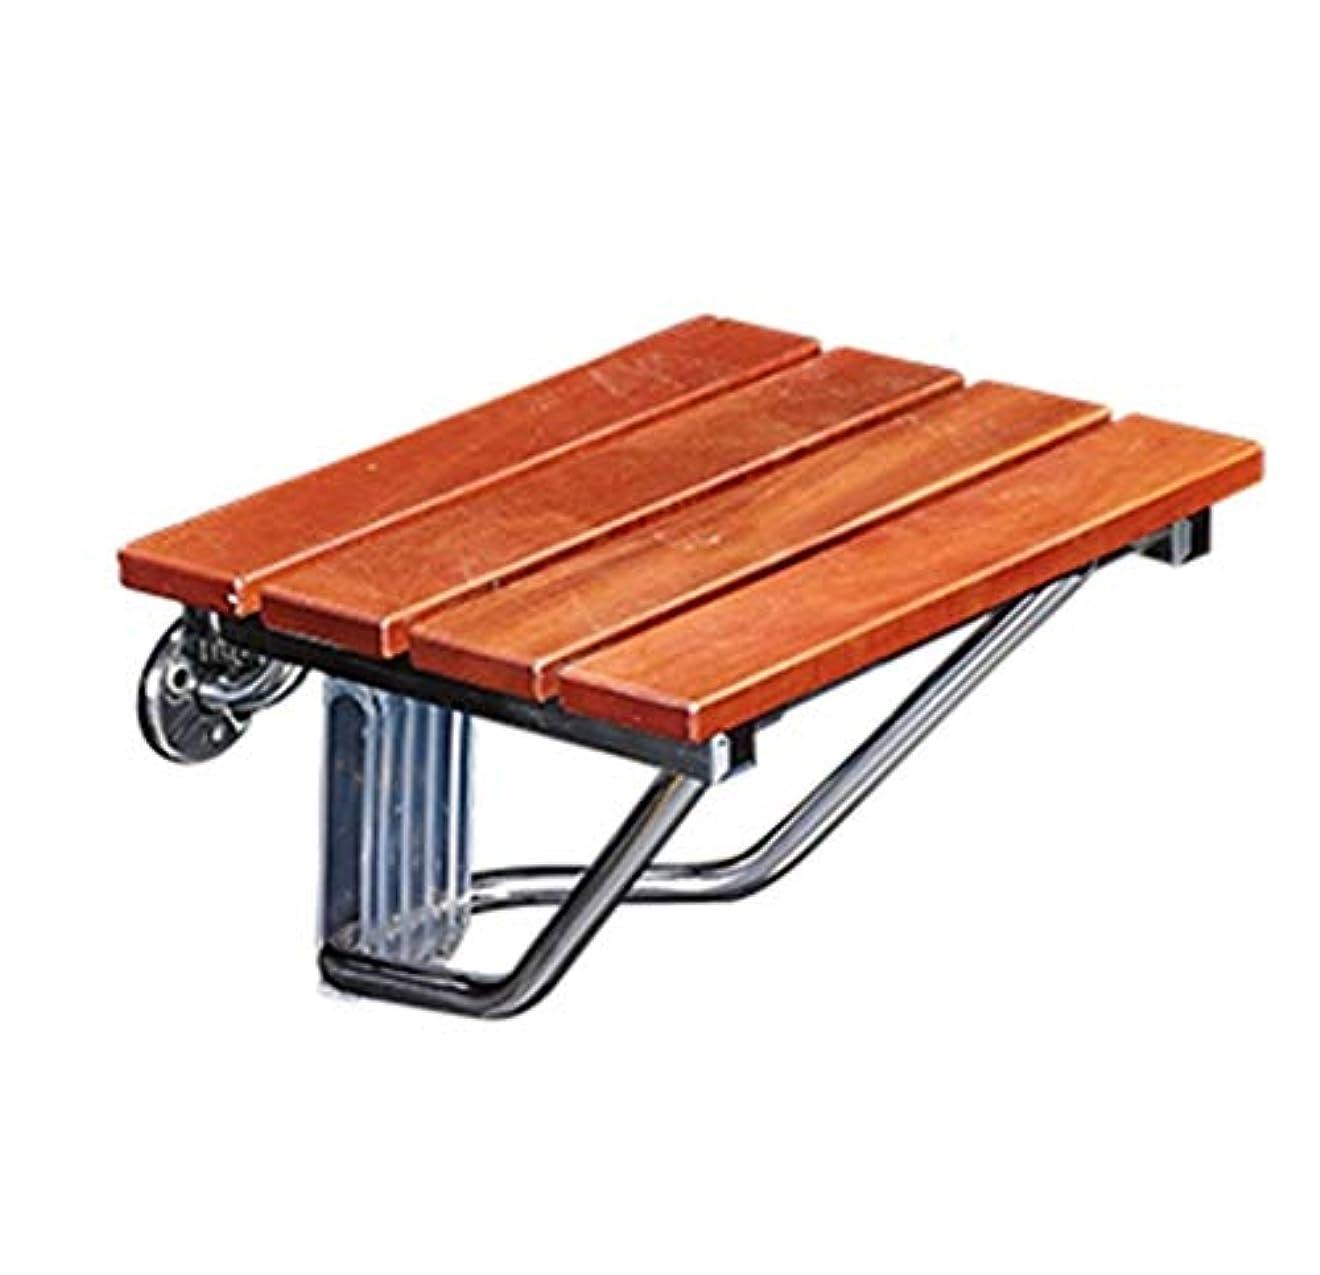 適切な瞬時に首謀者折り畳み式の壁のシャワーの腰掛け、壁に取り付けられた木製の折りたたみ式のシャワーの座席木製の変更は高齢者/身体障害者のスリップ防止シャワーの椅子のために腰掛け